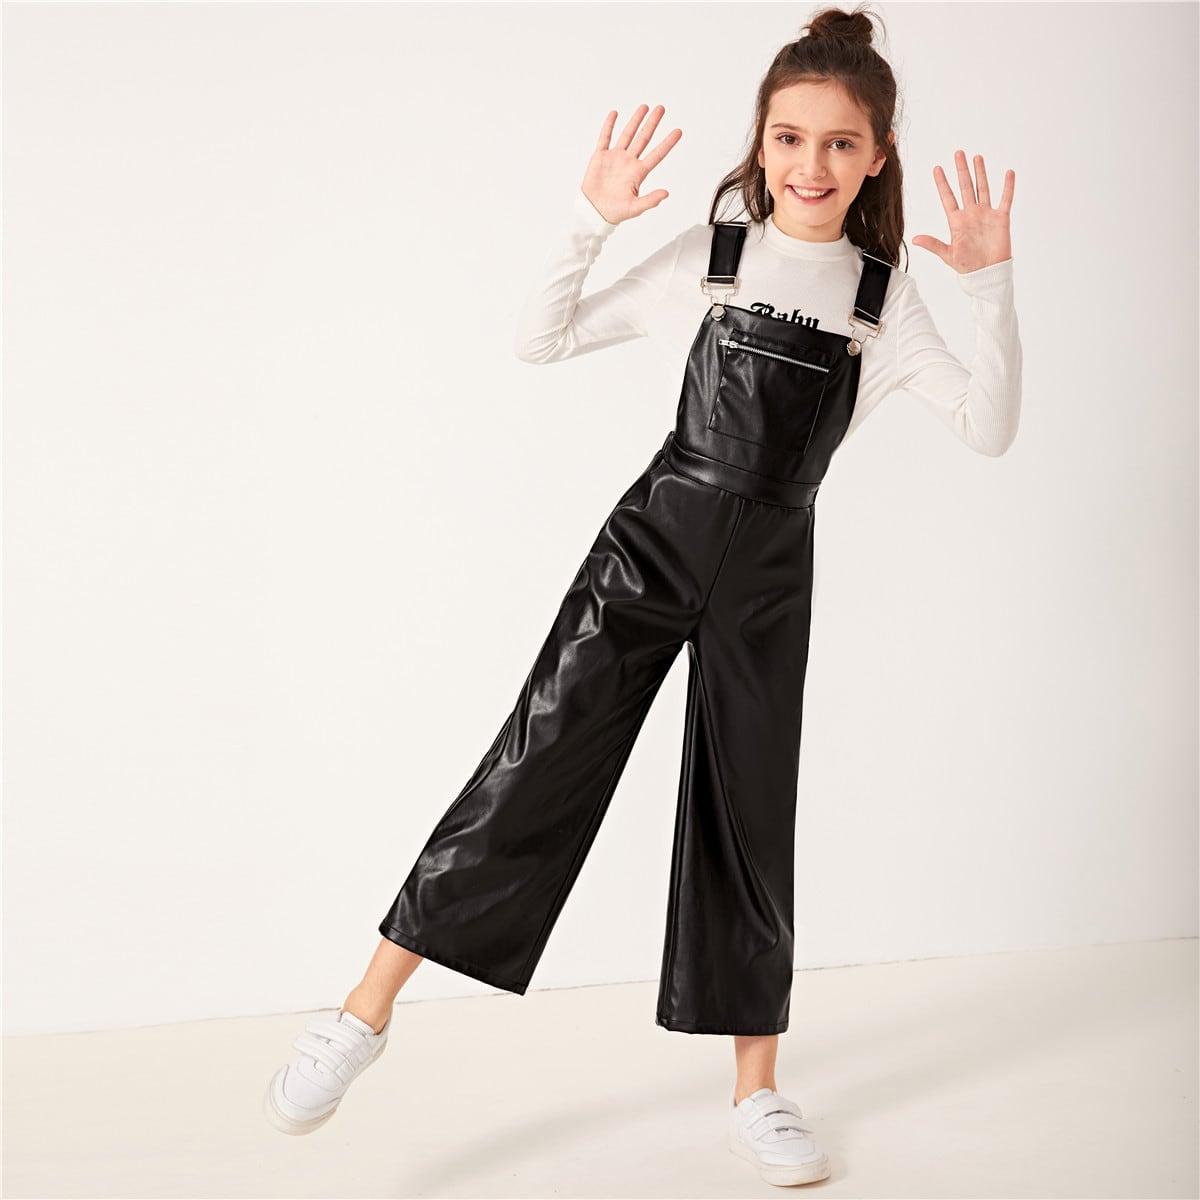 SHEIN / Mädchen Jumpsuit in Lederoptik mit Reißverschluss und Taschen vorn